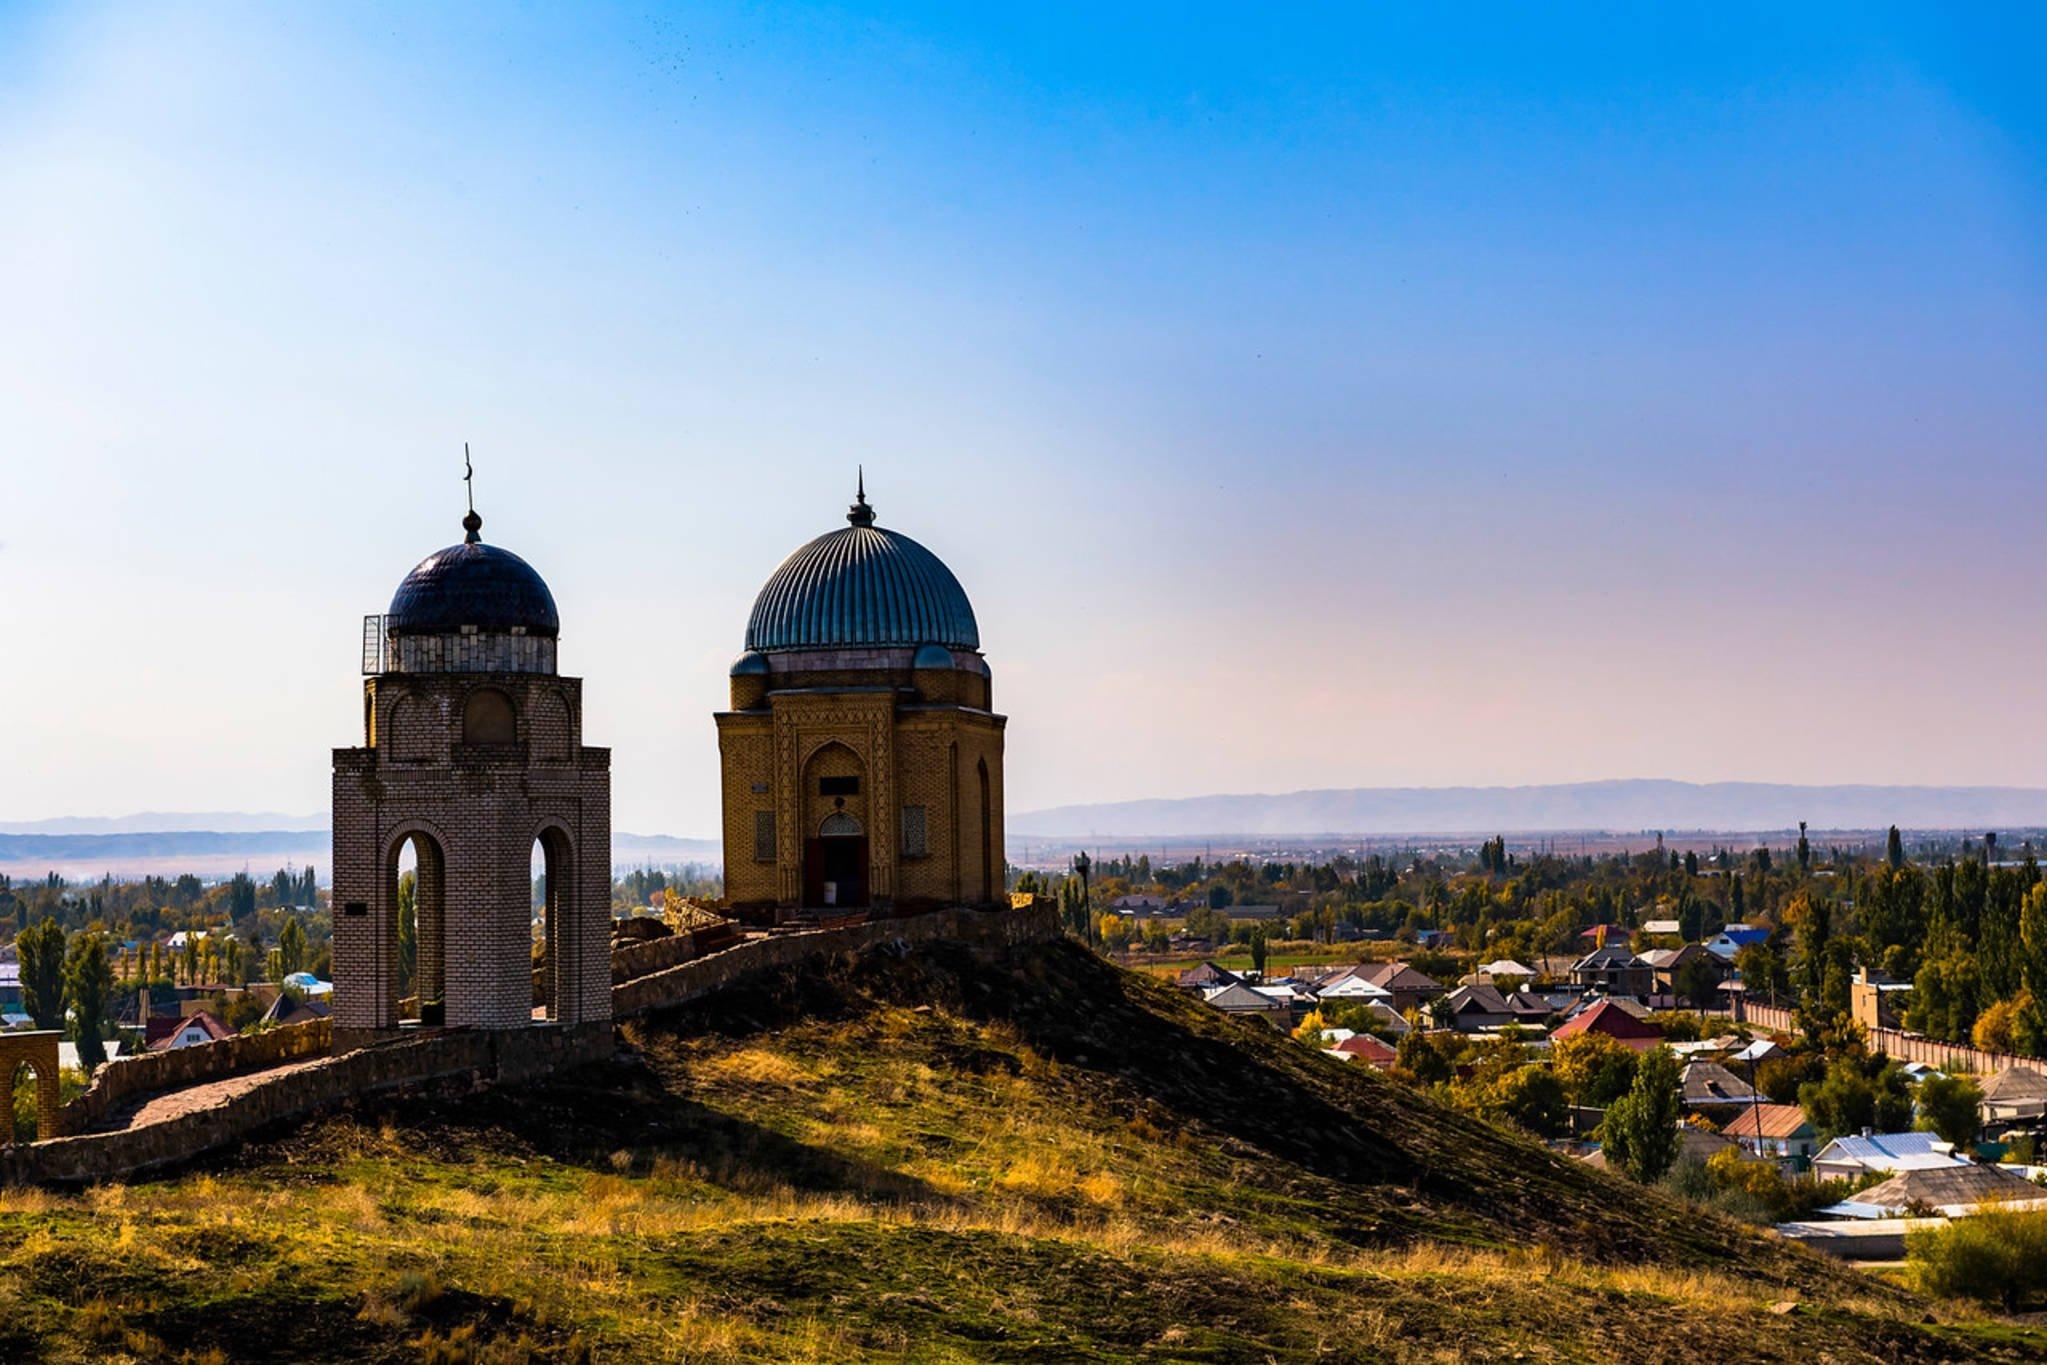 Putovanje Kazahstan - Putevima neistraženih prostranstava (7)